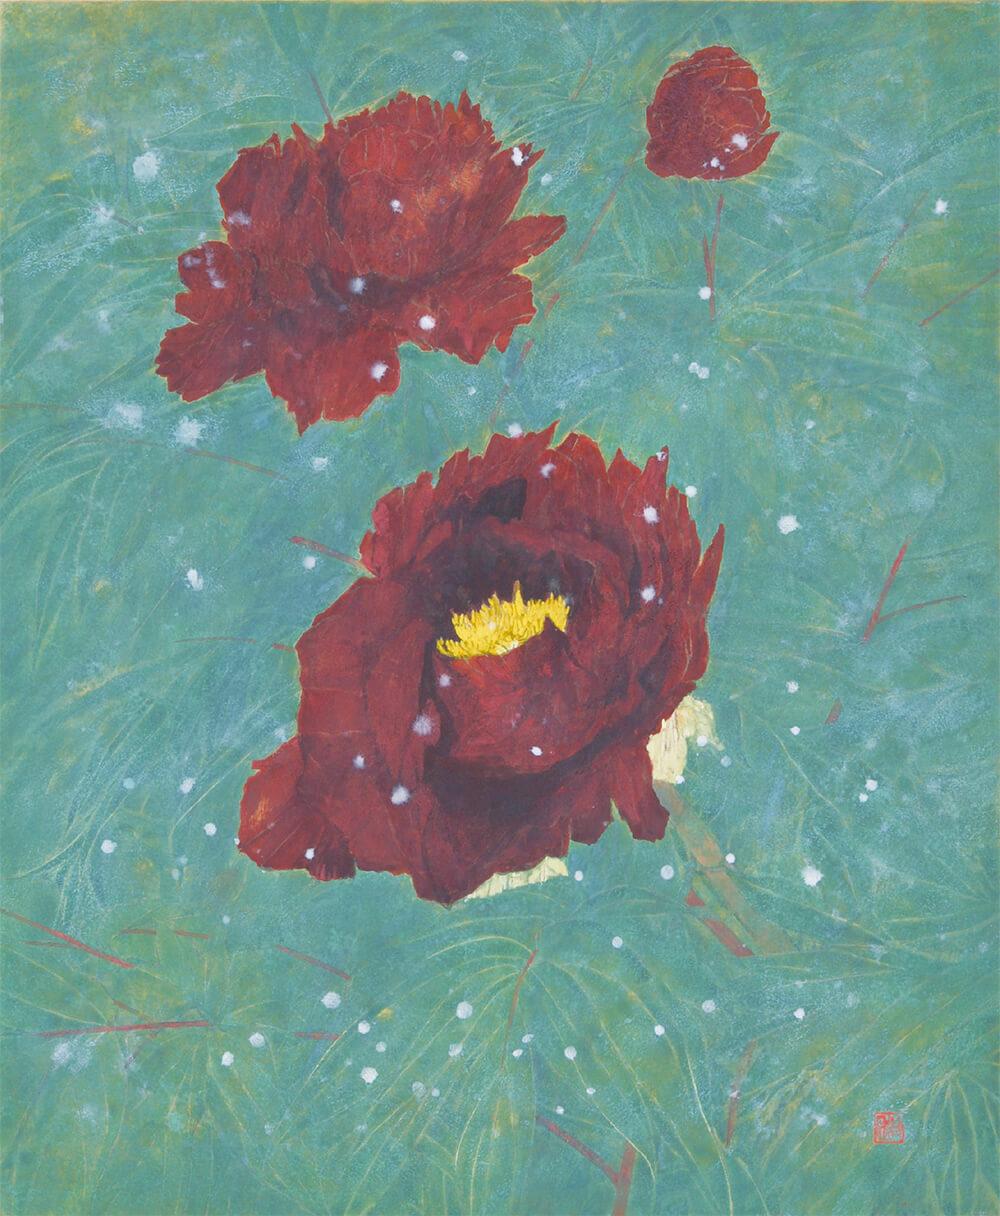 2020年1月17日から開催の「松井 和弘 日本画展」の作品